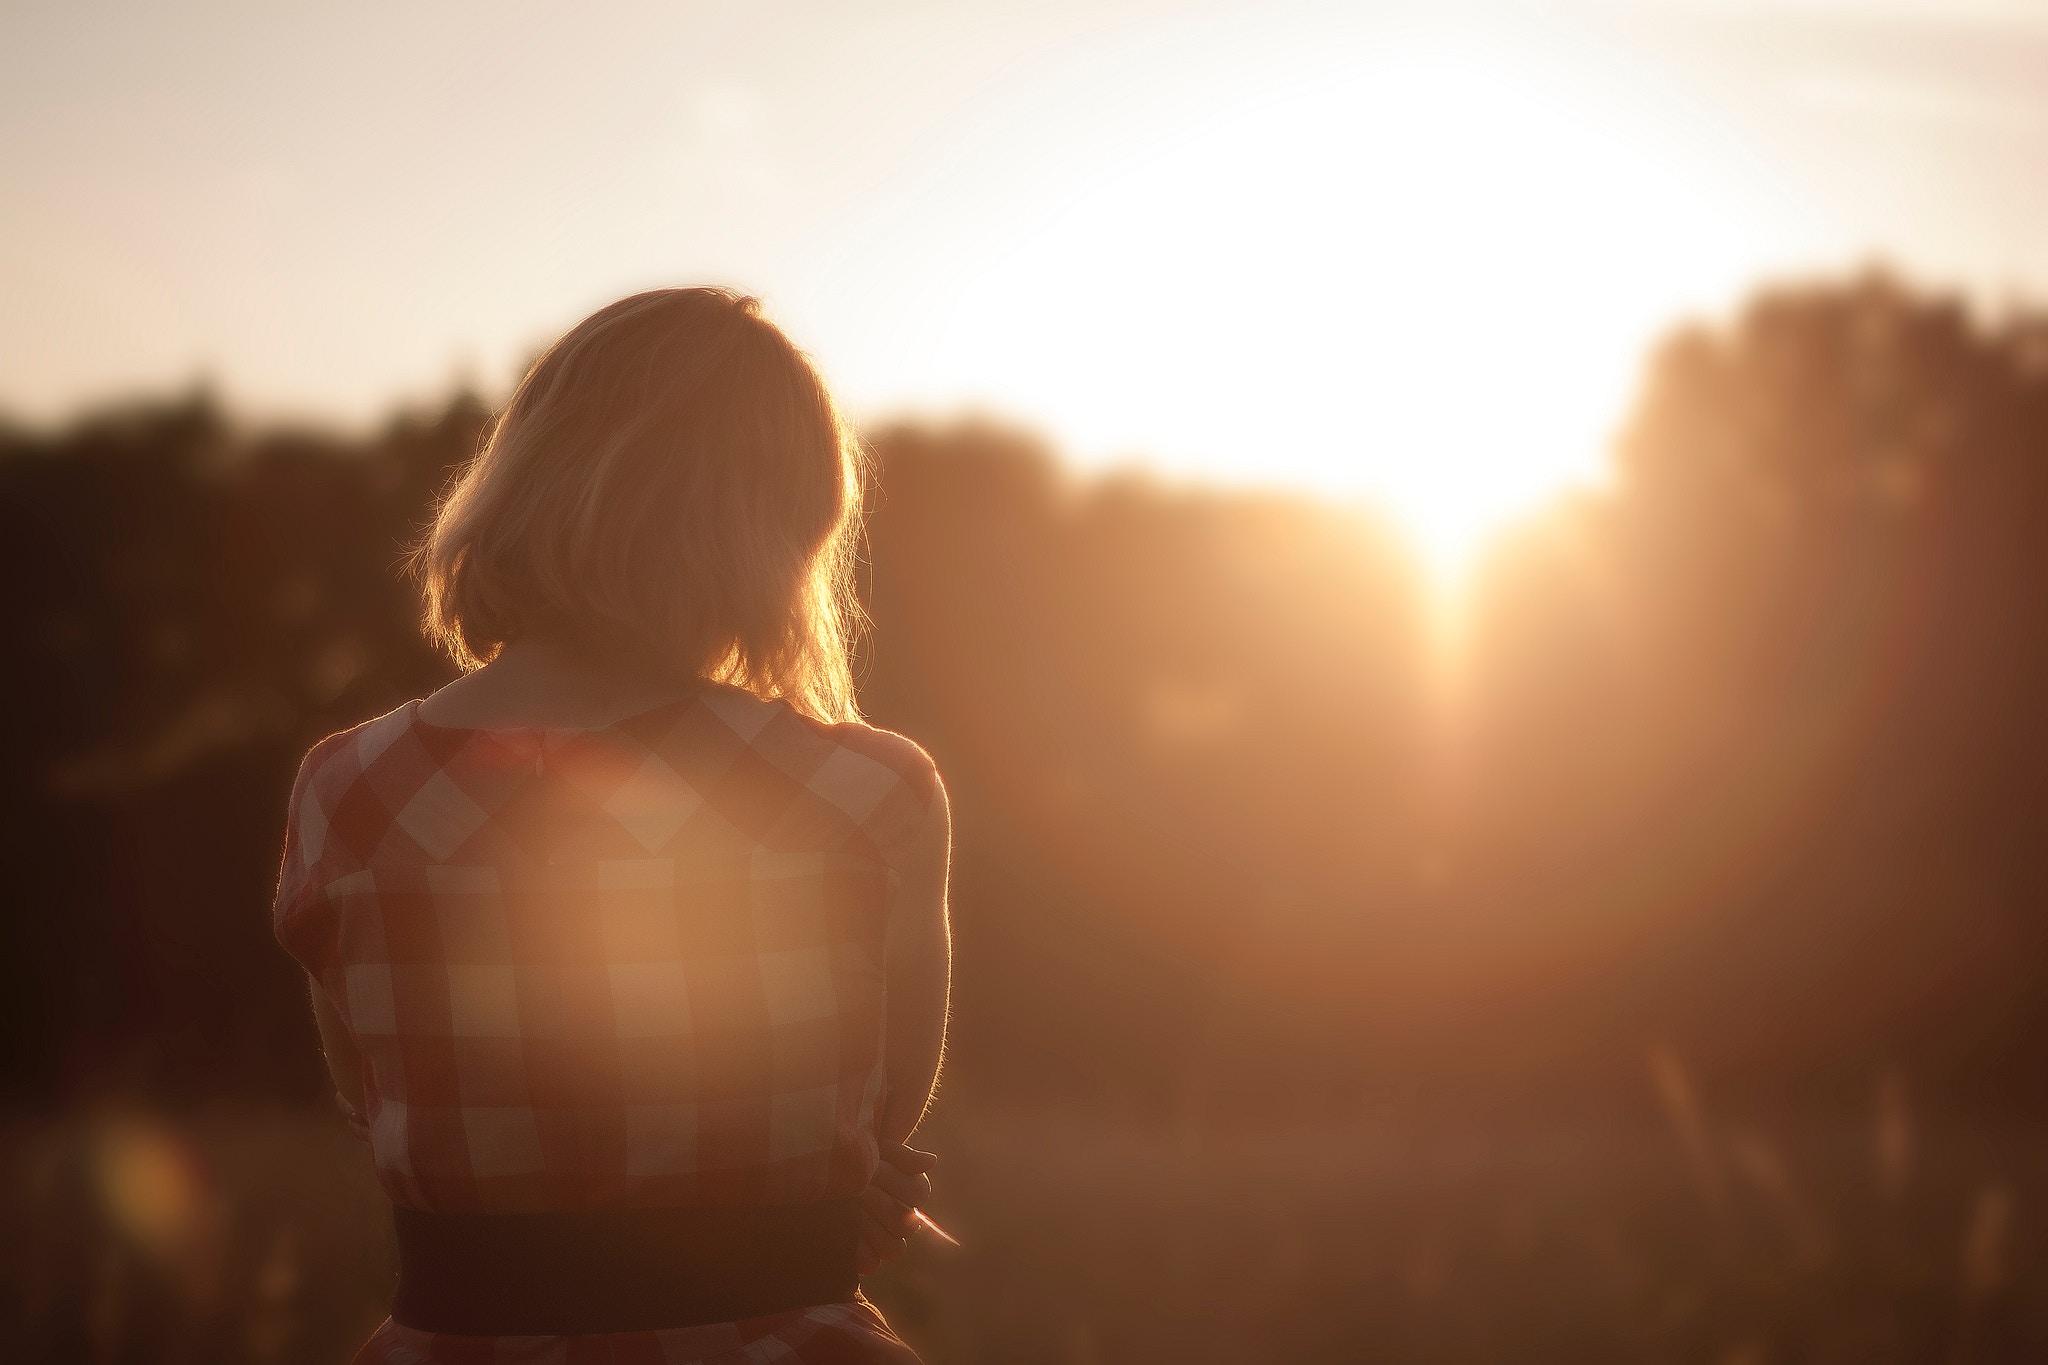 sunset-girl-399.jpg